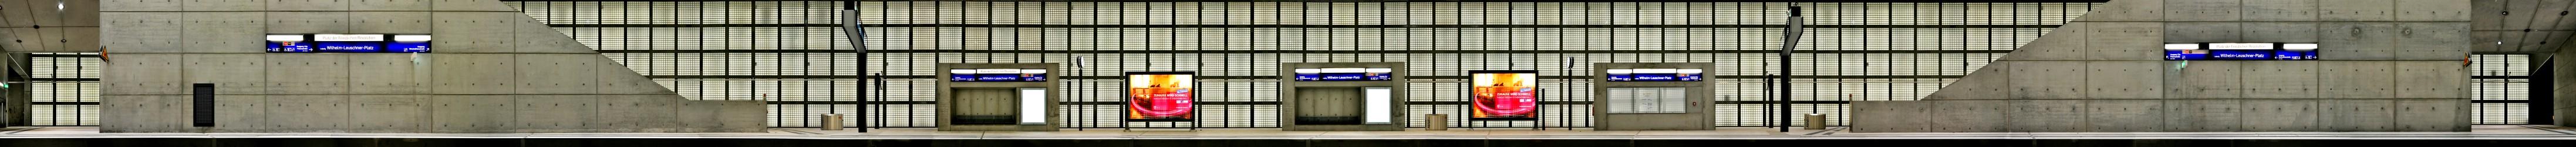 City Tunnel station Wilhelm-Leuschner-Platz